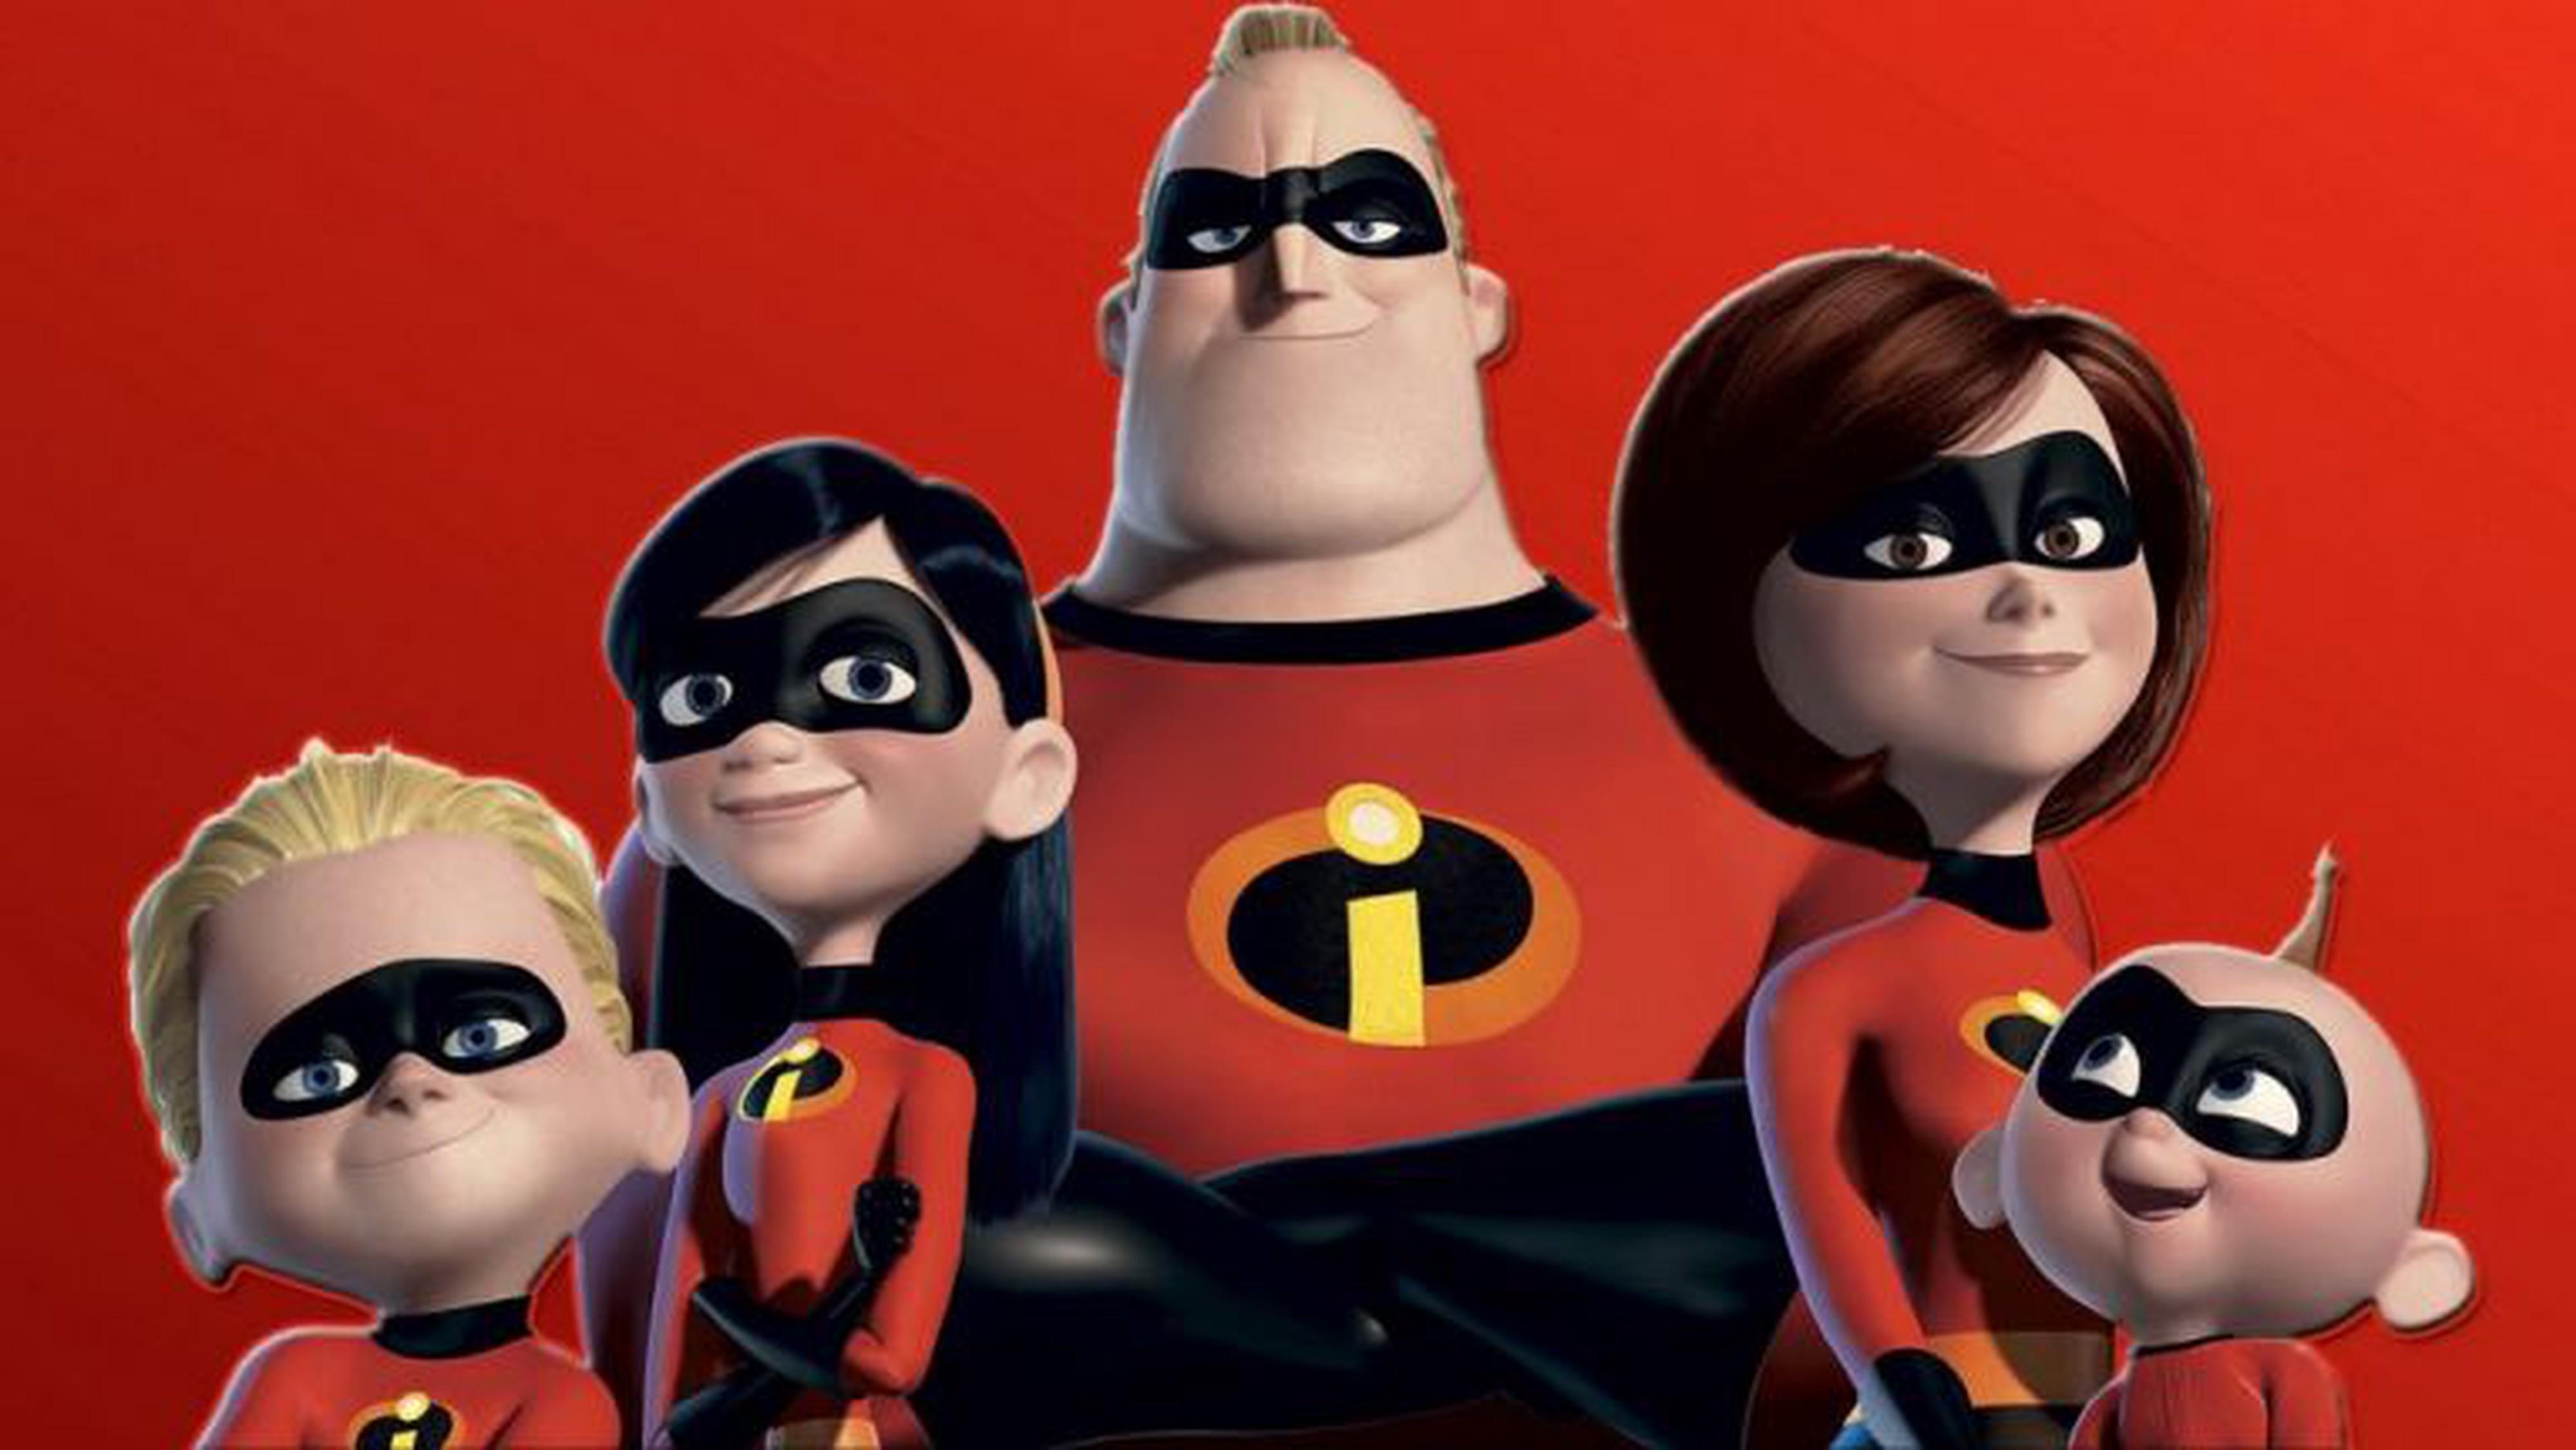 Incredibles 2 - Die Unglaublichen 2: 7 unglaubliche Fun